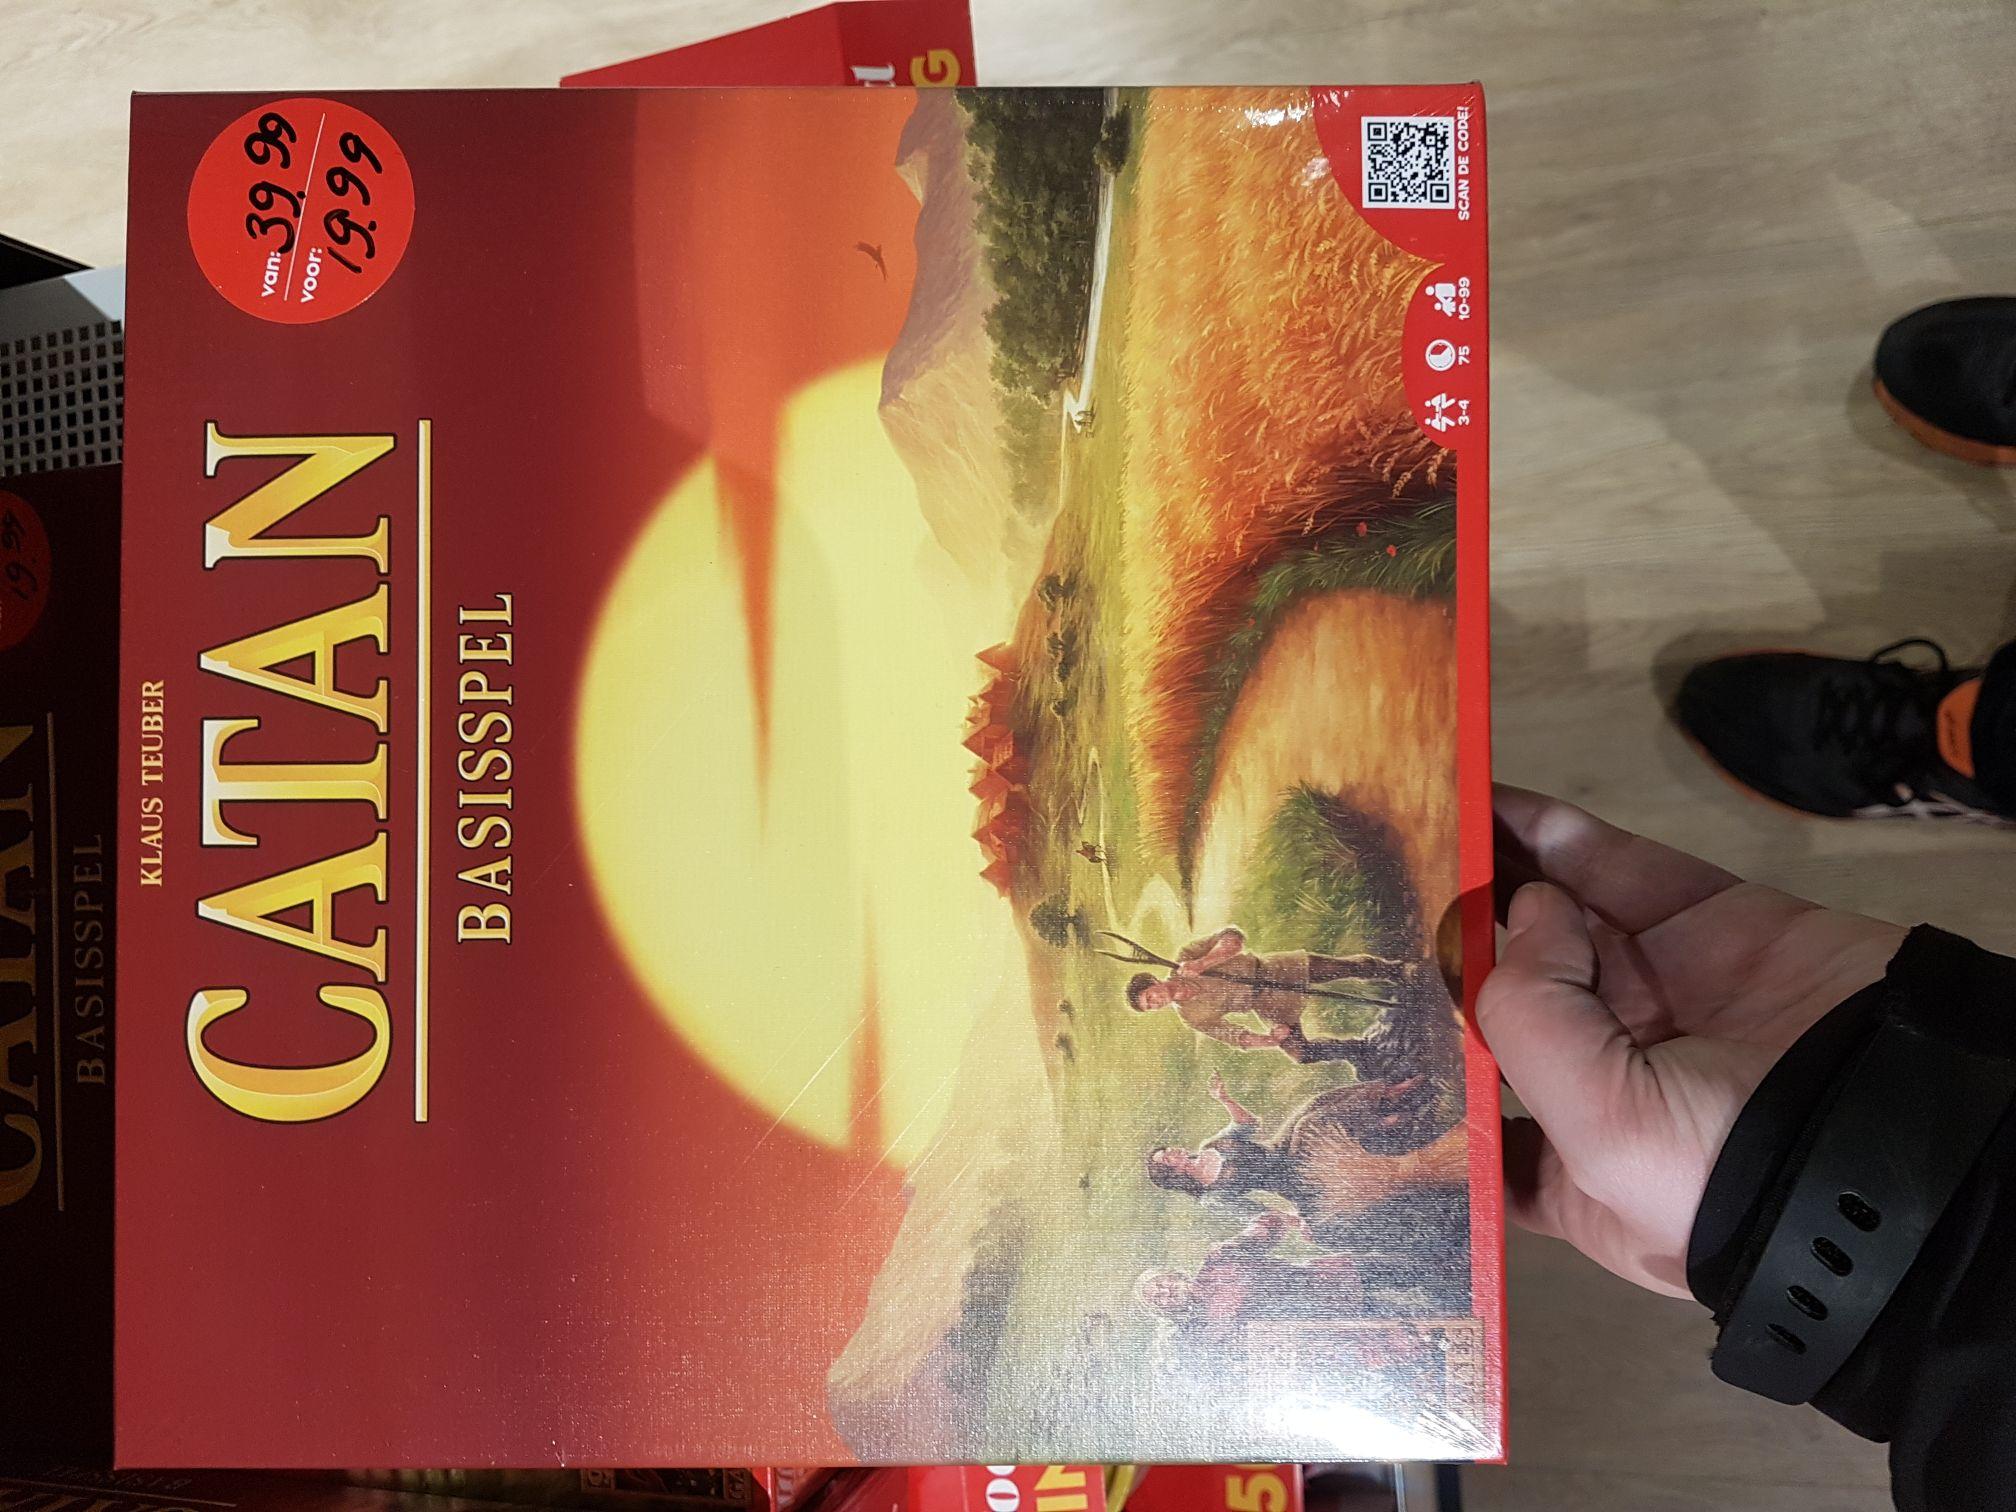 Kolonisten van Catan - basisspel bij de blokker